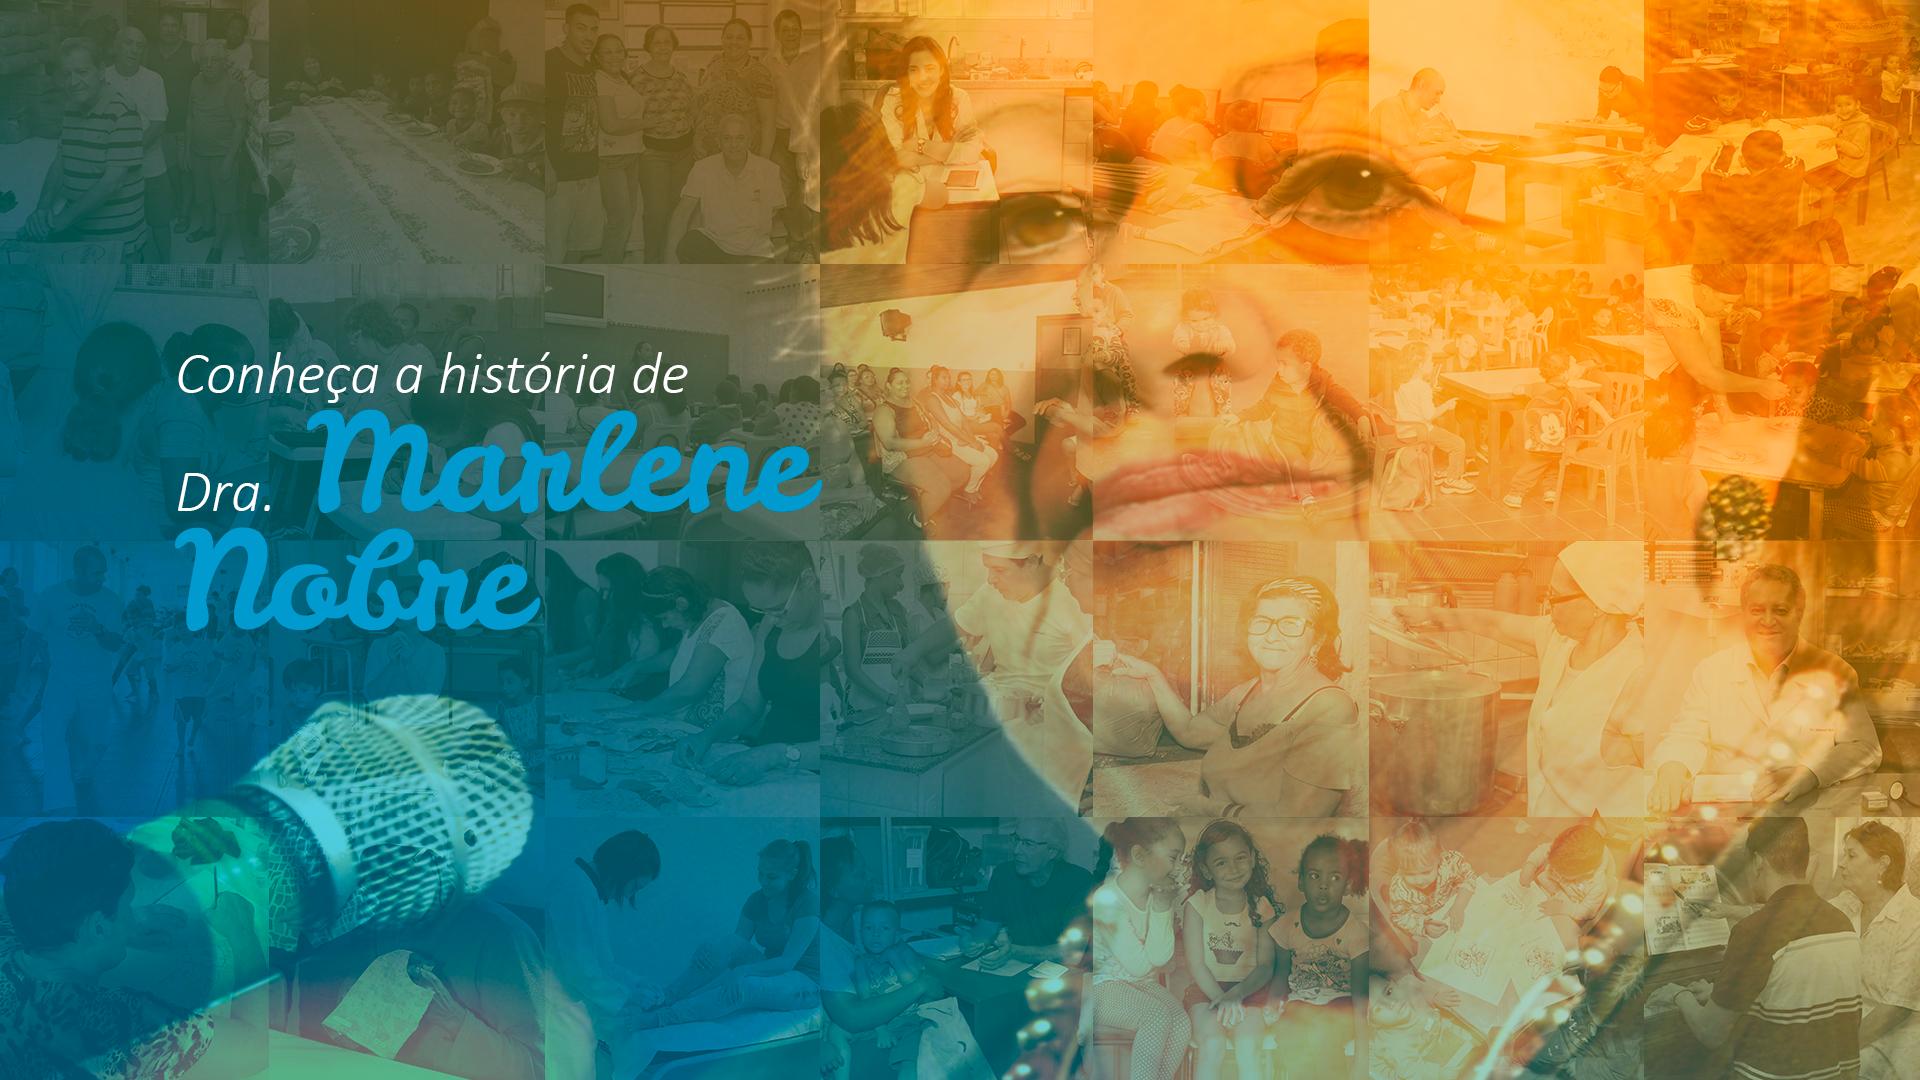 banner principal - Marlene Nobre, lar do alvorecer